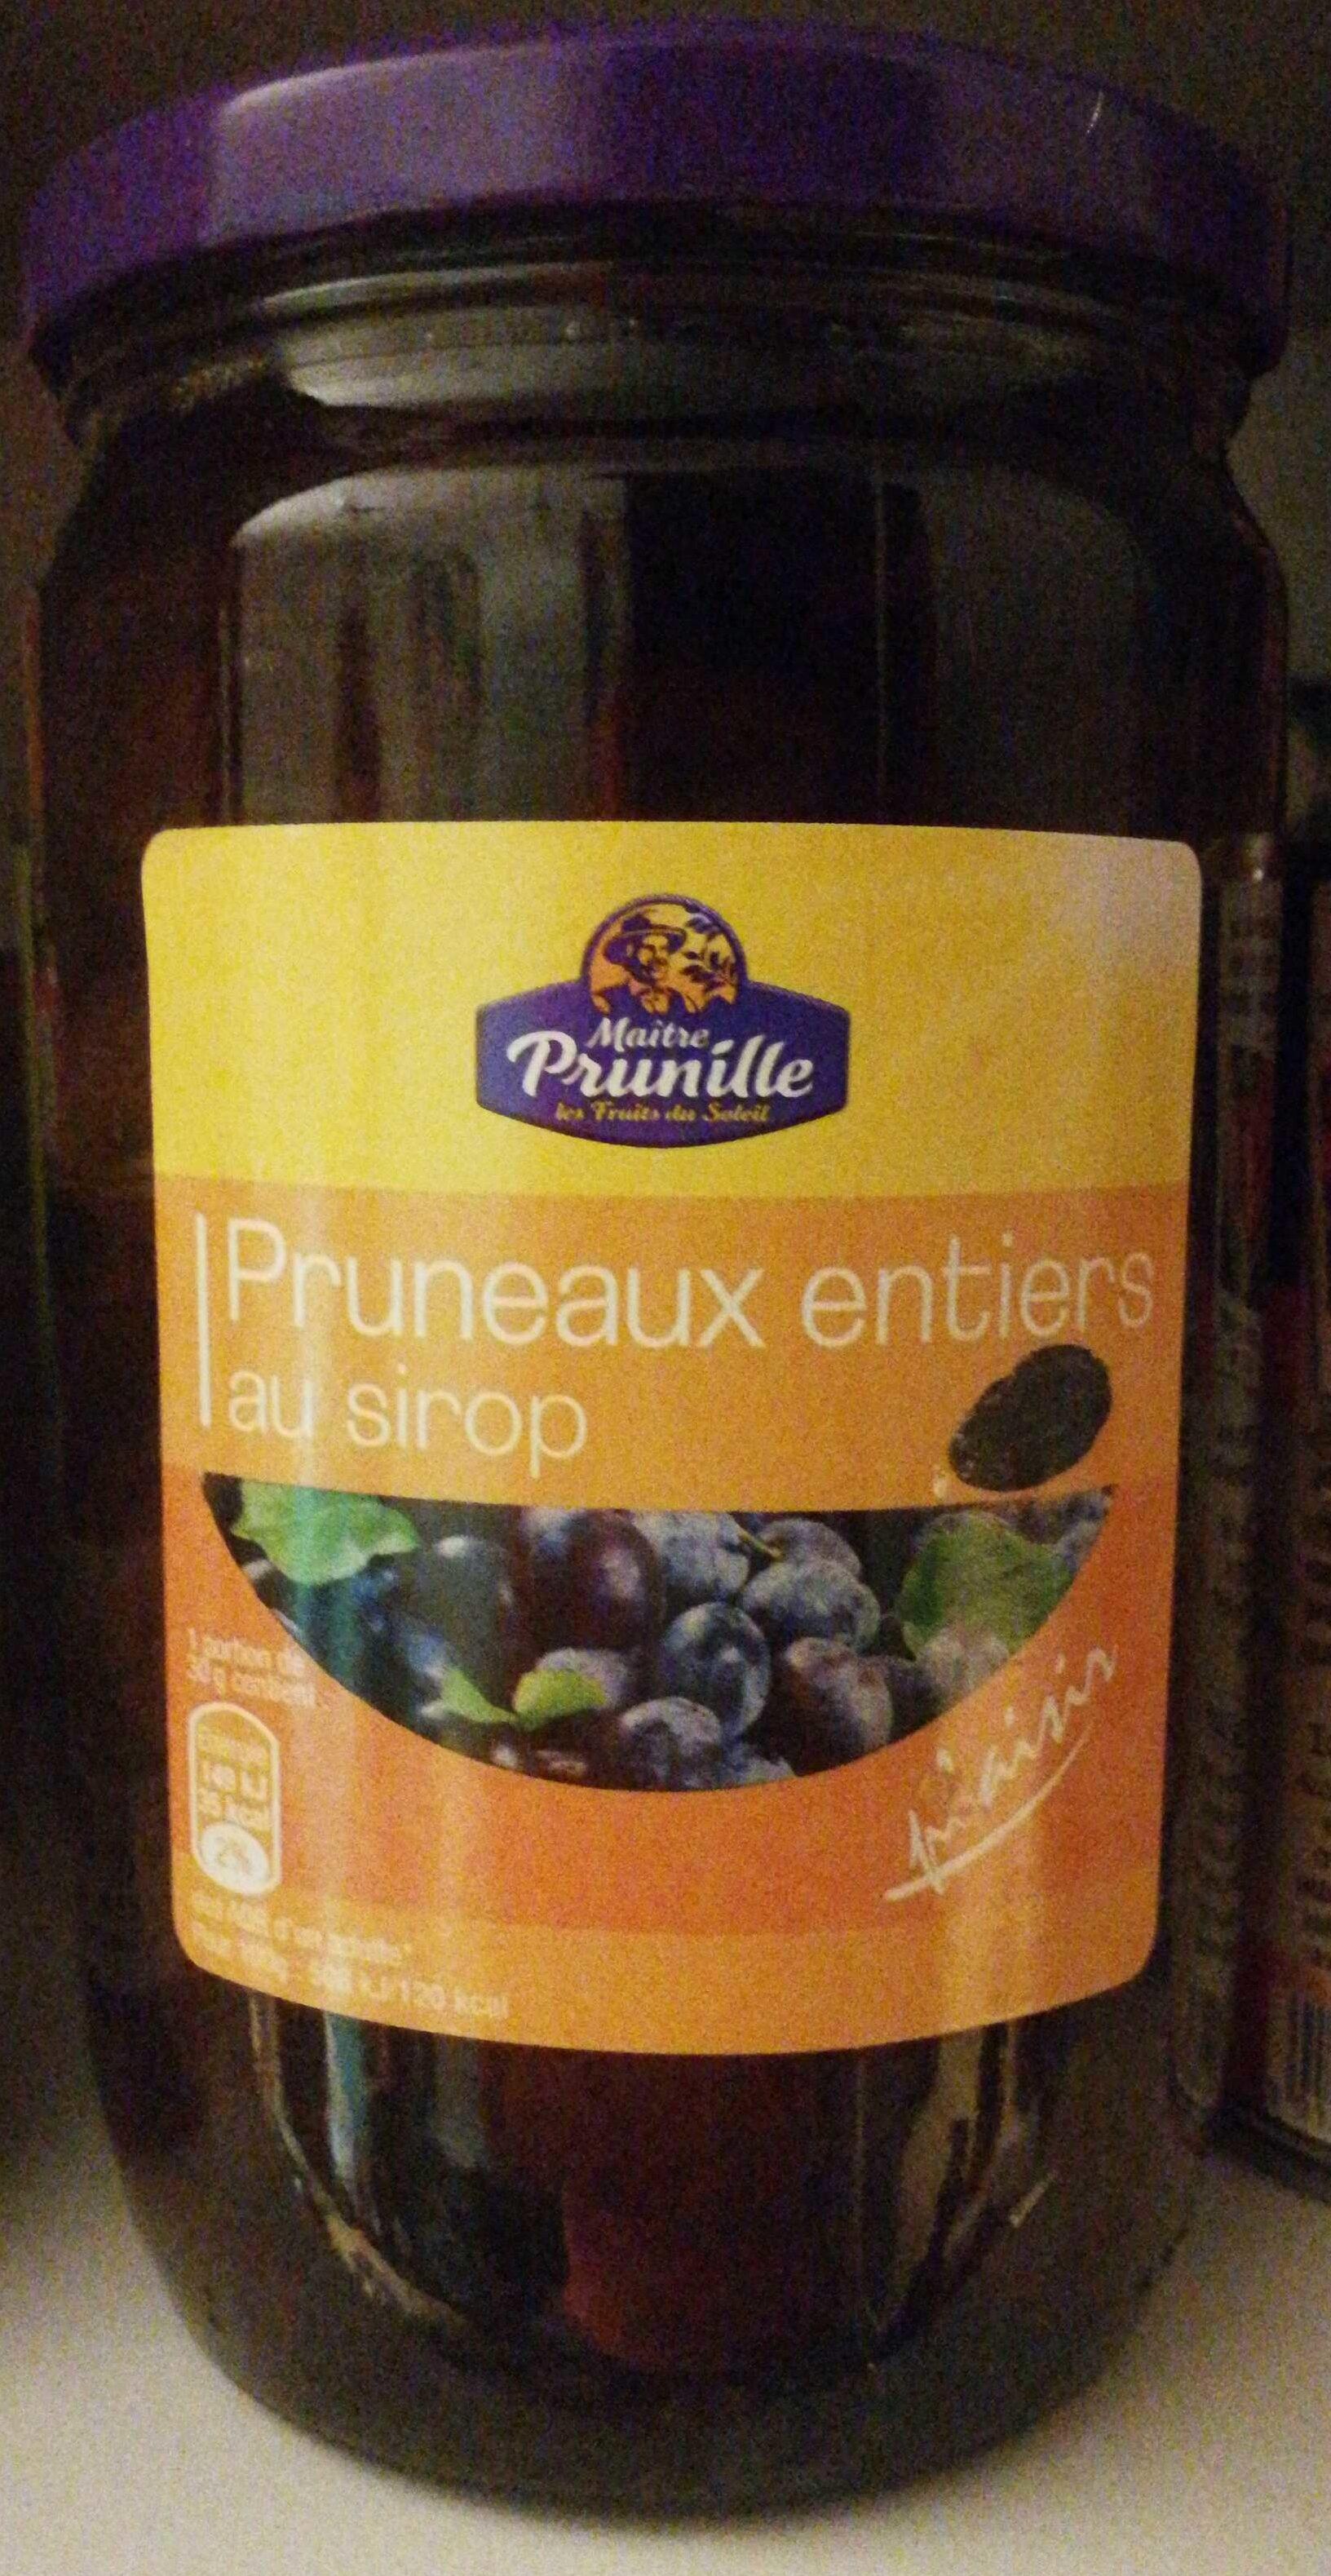 Pruneaux entiers au sirop - Produit - fr